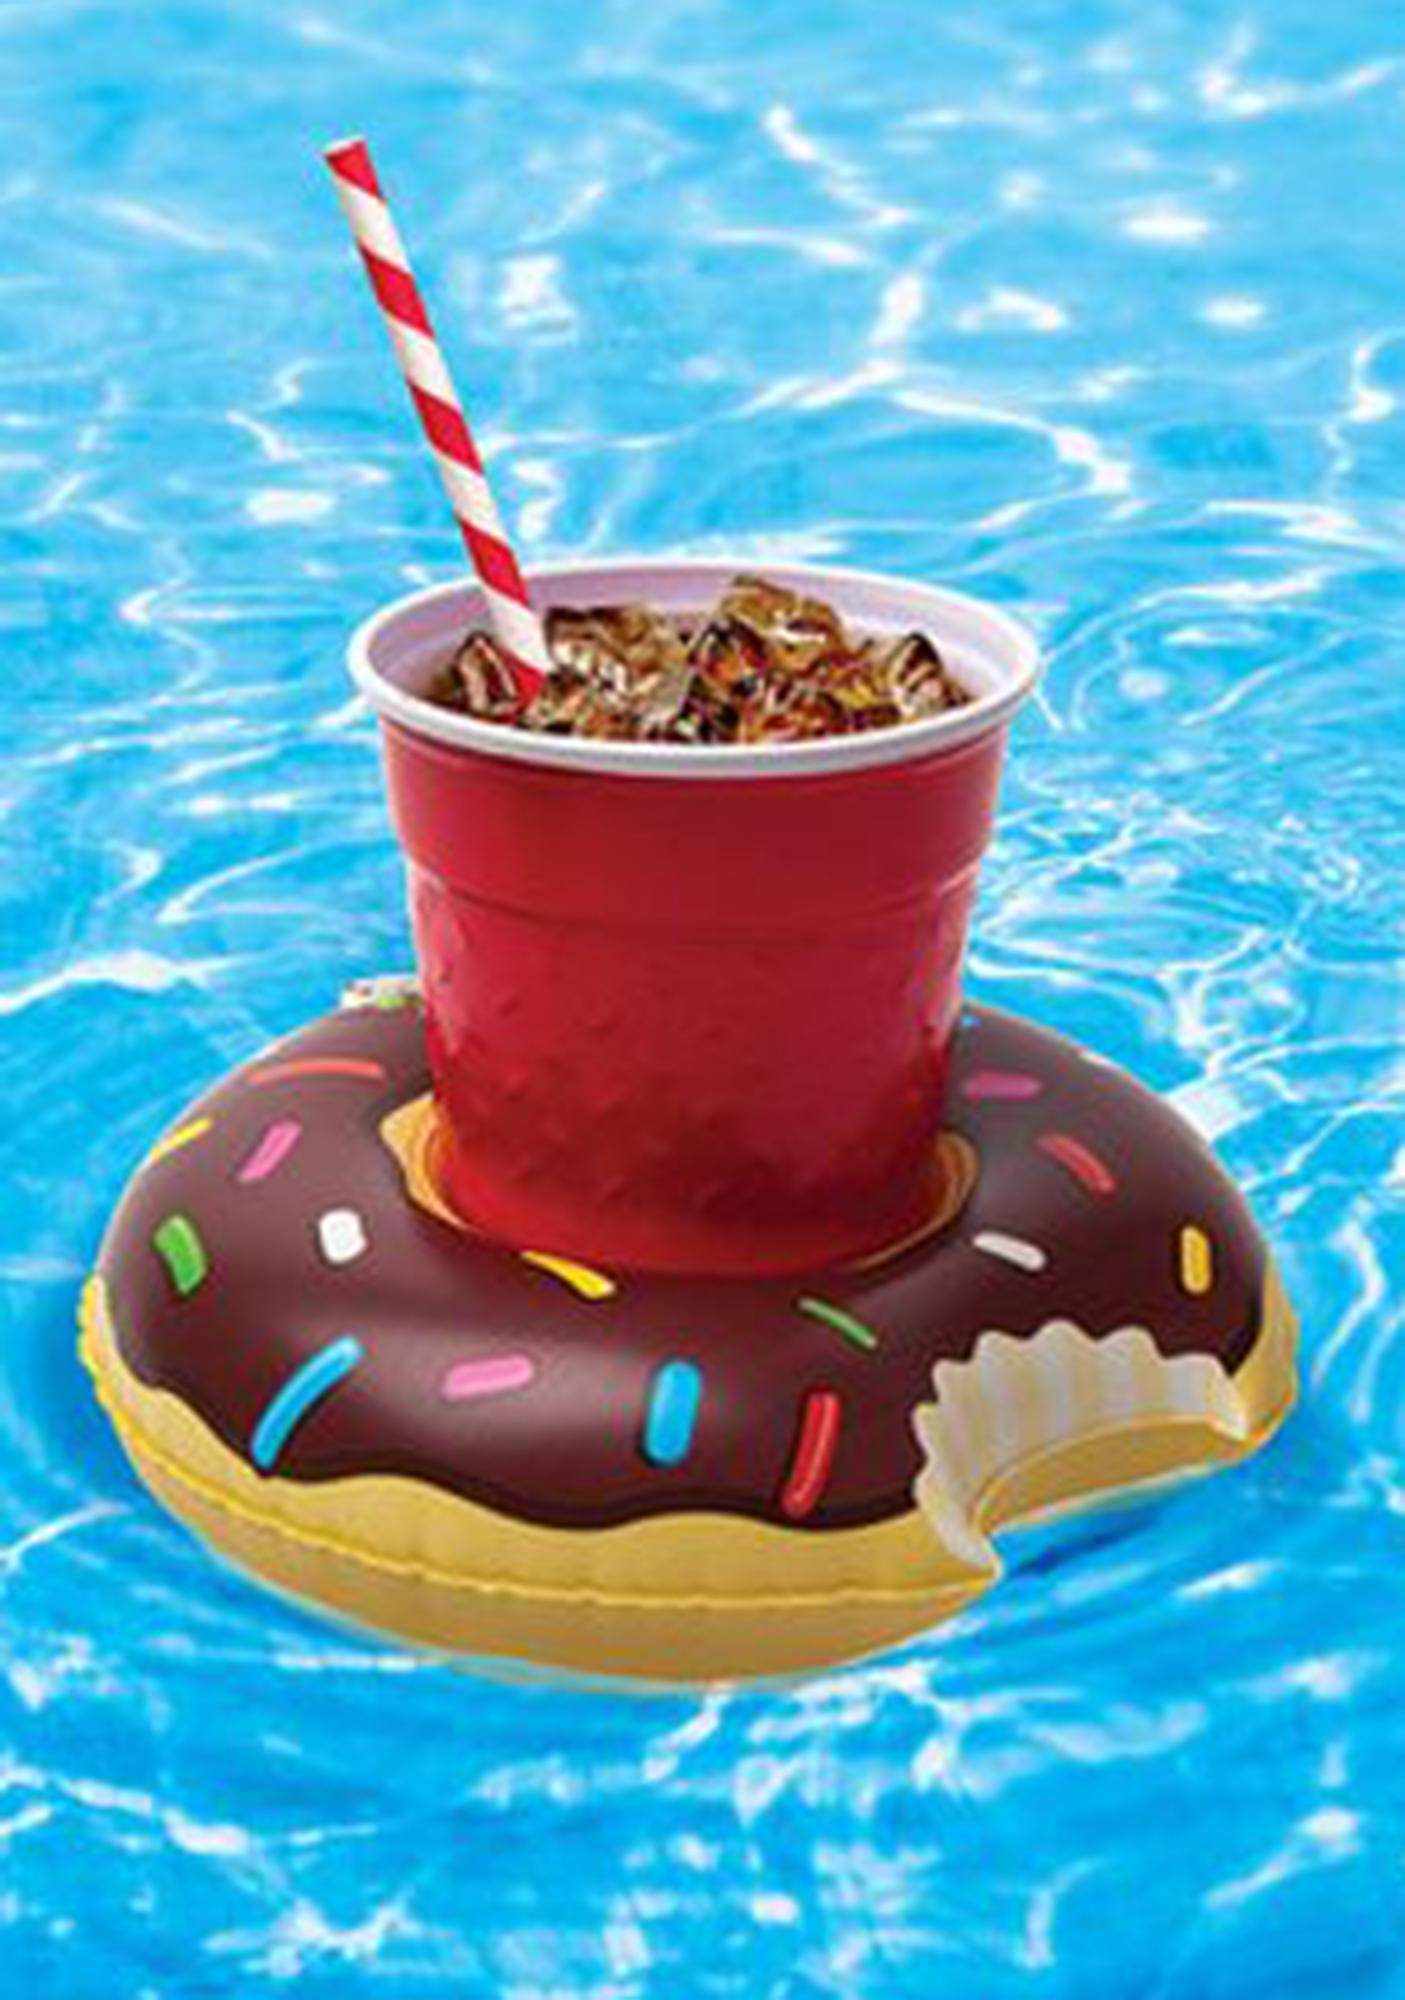 Sprinkle Donut Drink Floats